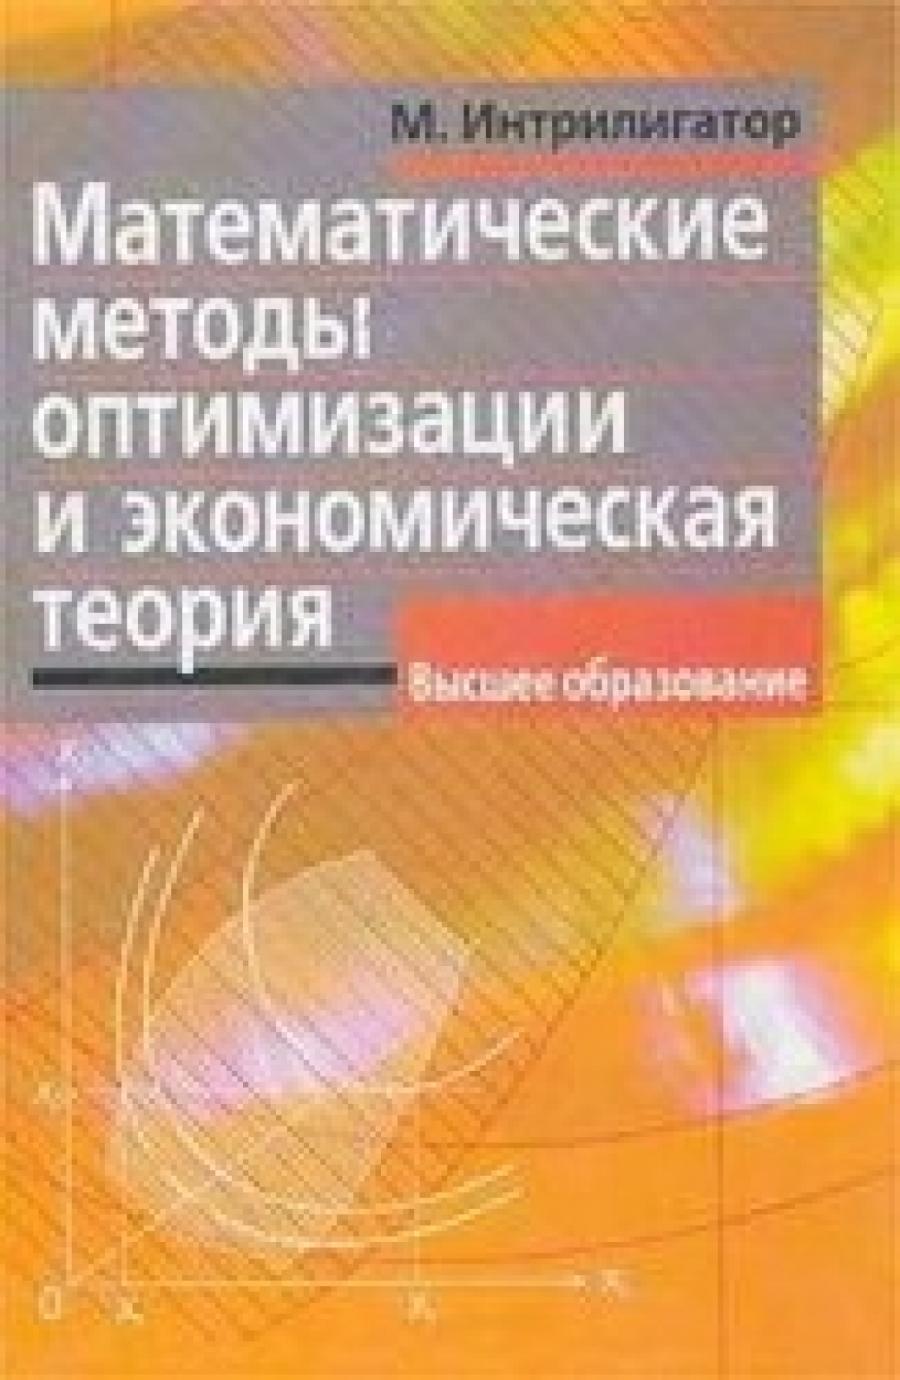 Обложка книги:  интрилигатор м. - математические методы оптимизации и экономическая теория